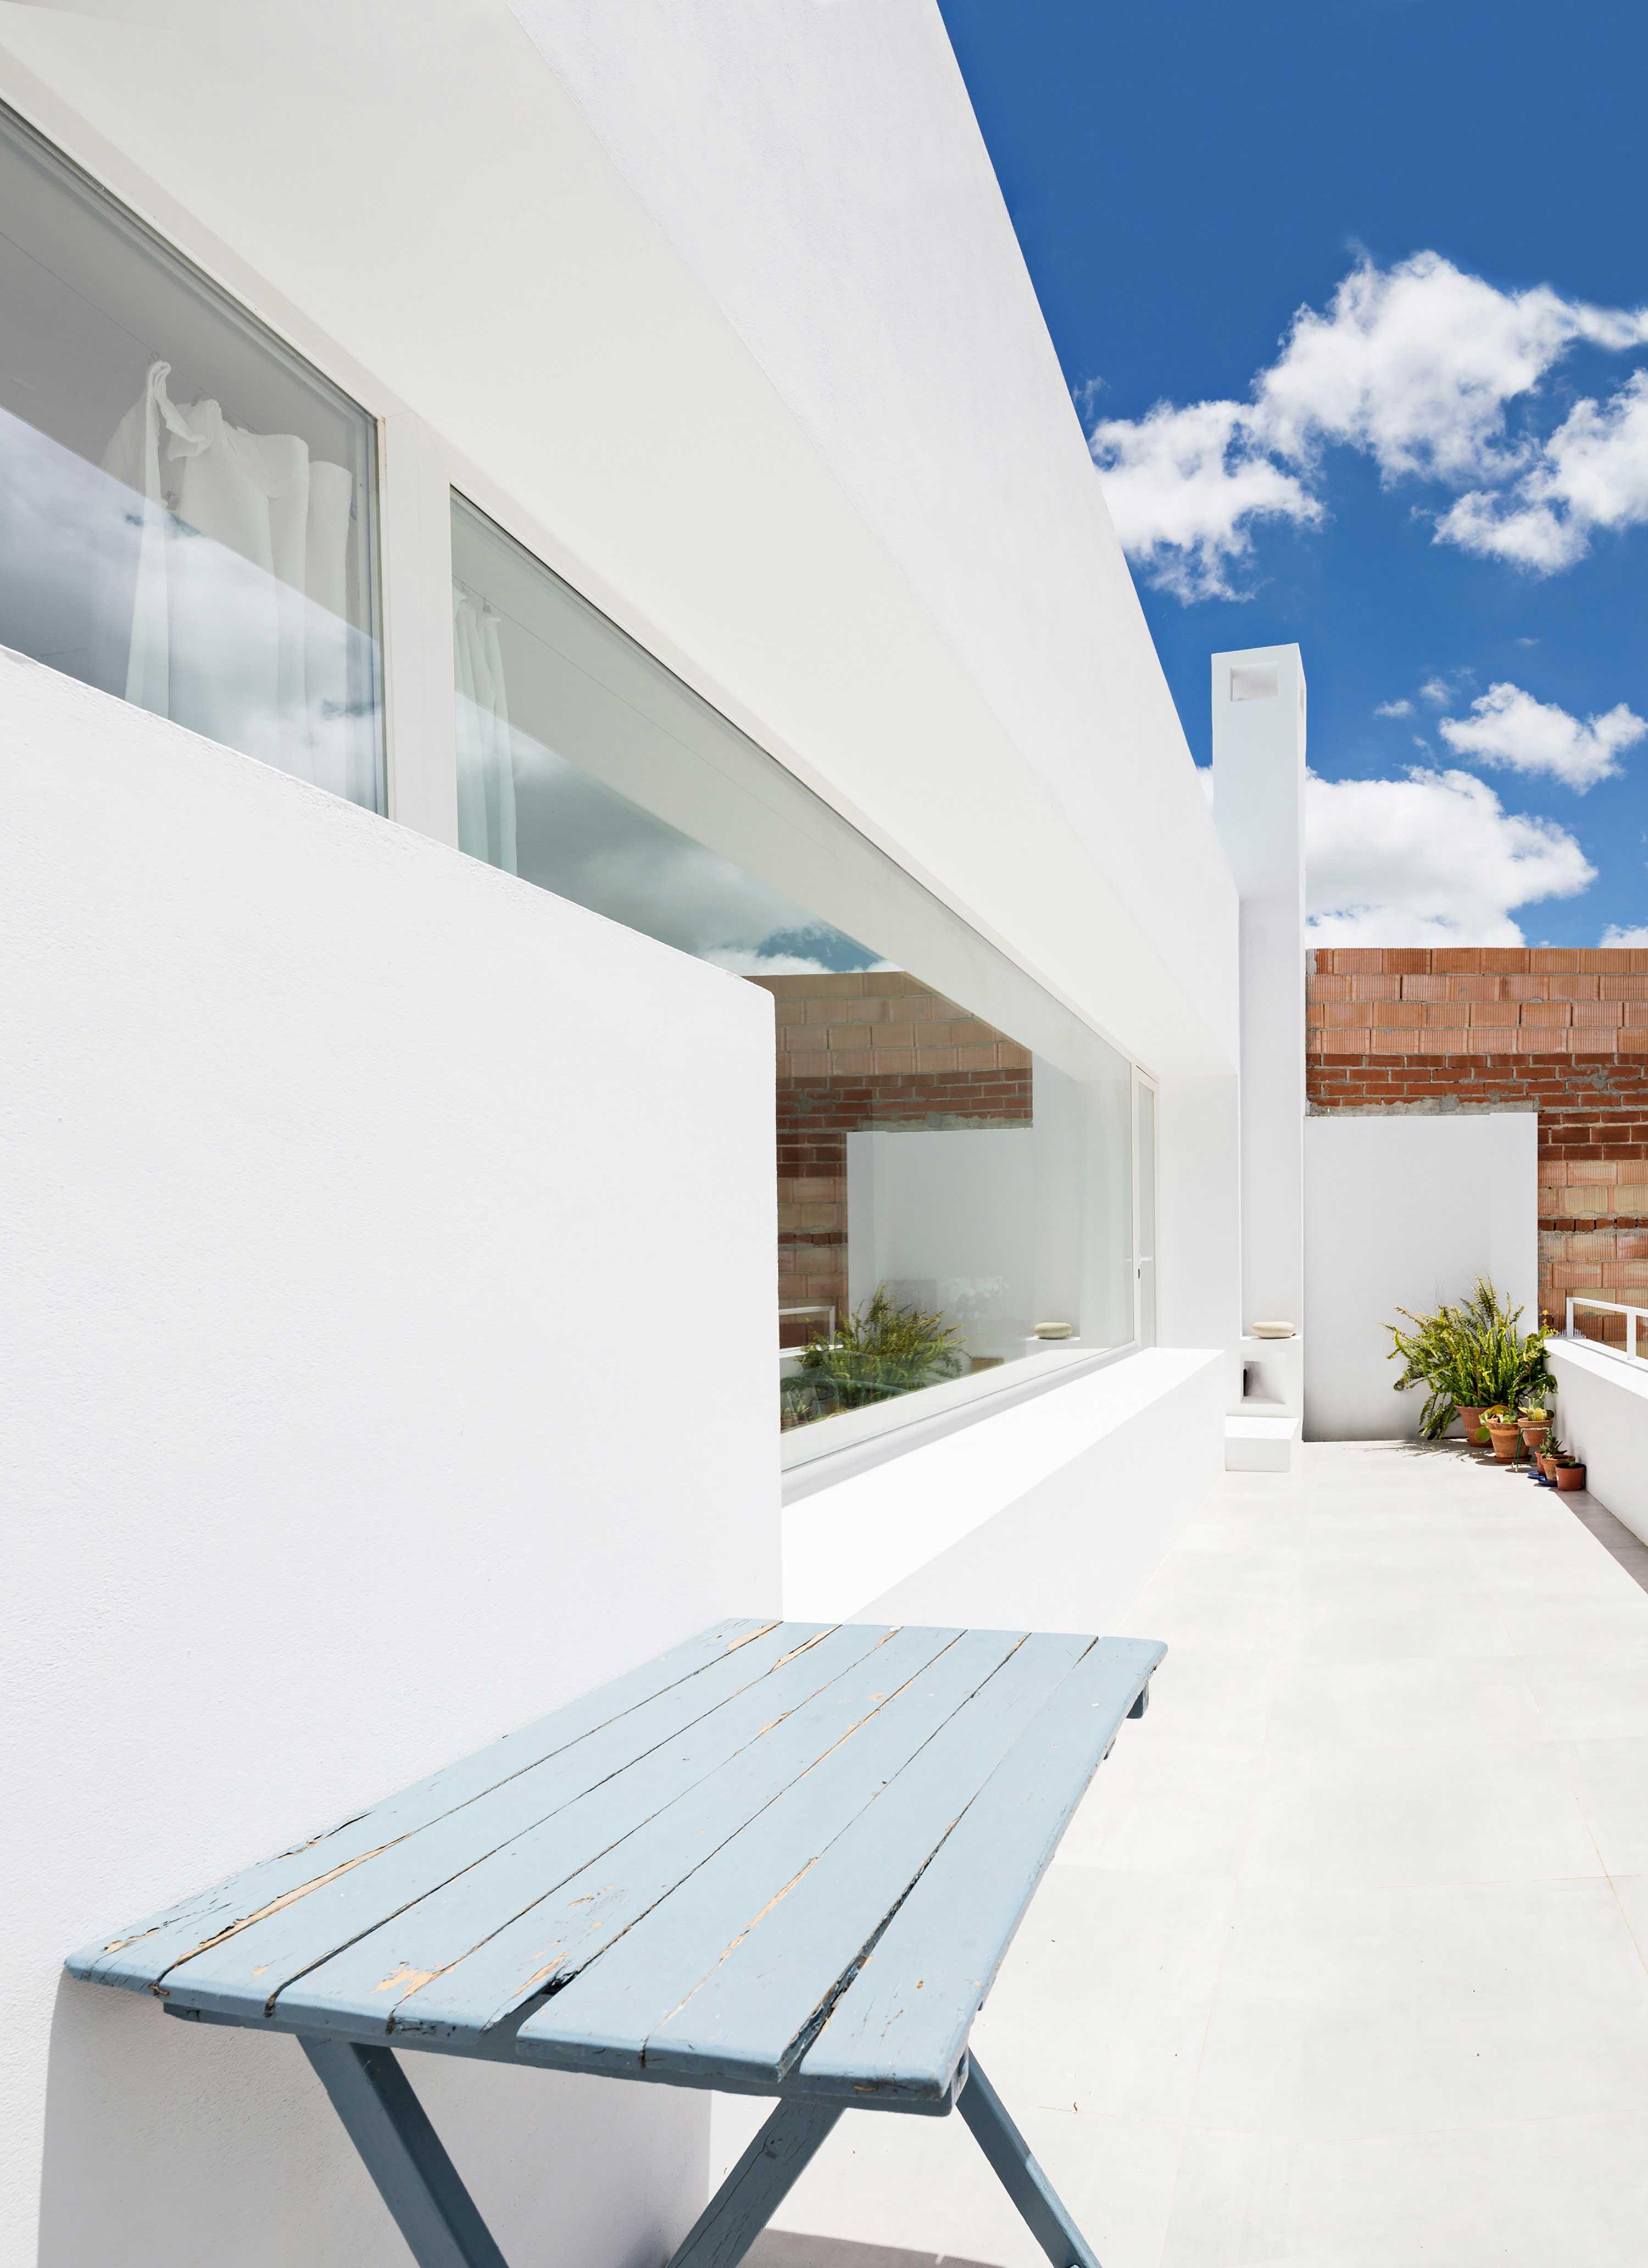 terrasse blanche. Black Bedroom Furniture Sets. Home Design Ideas